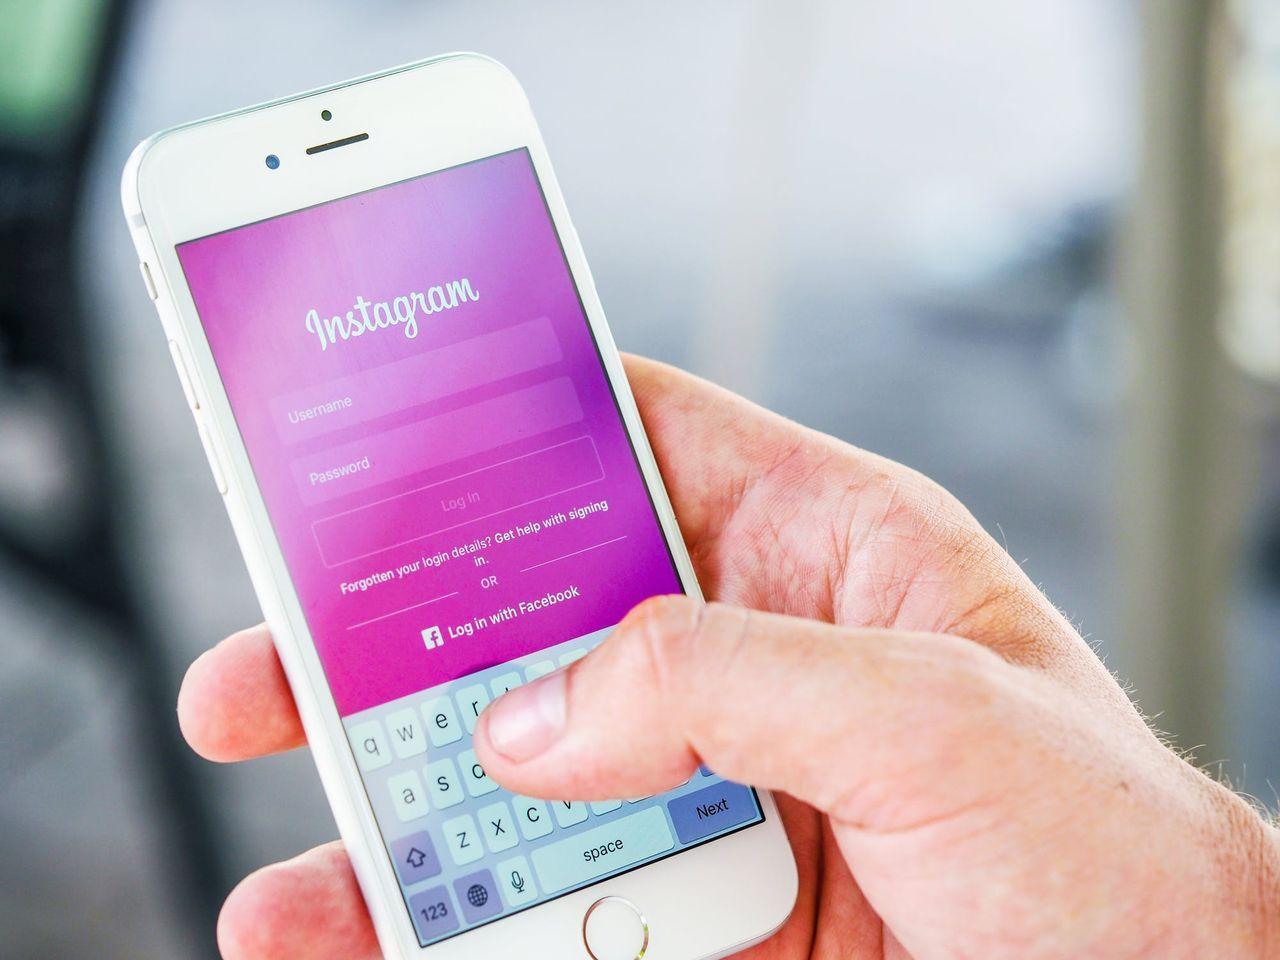 Instagram testar nya TikTok-inspirerade funktioner